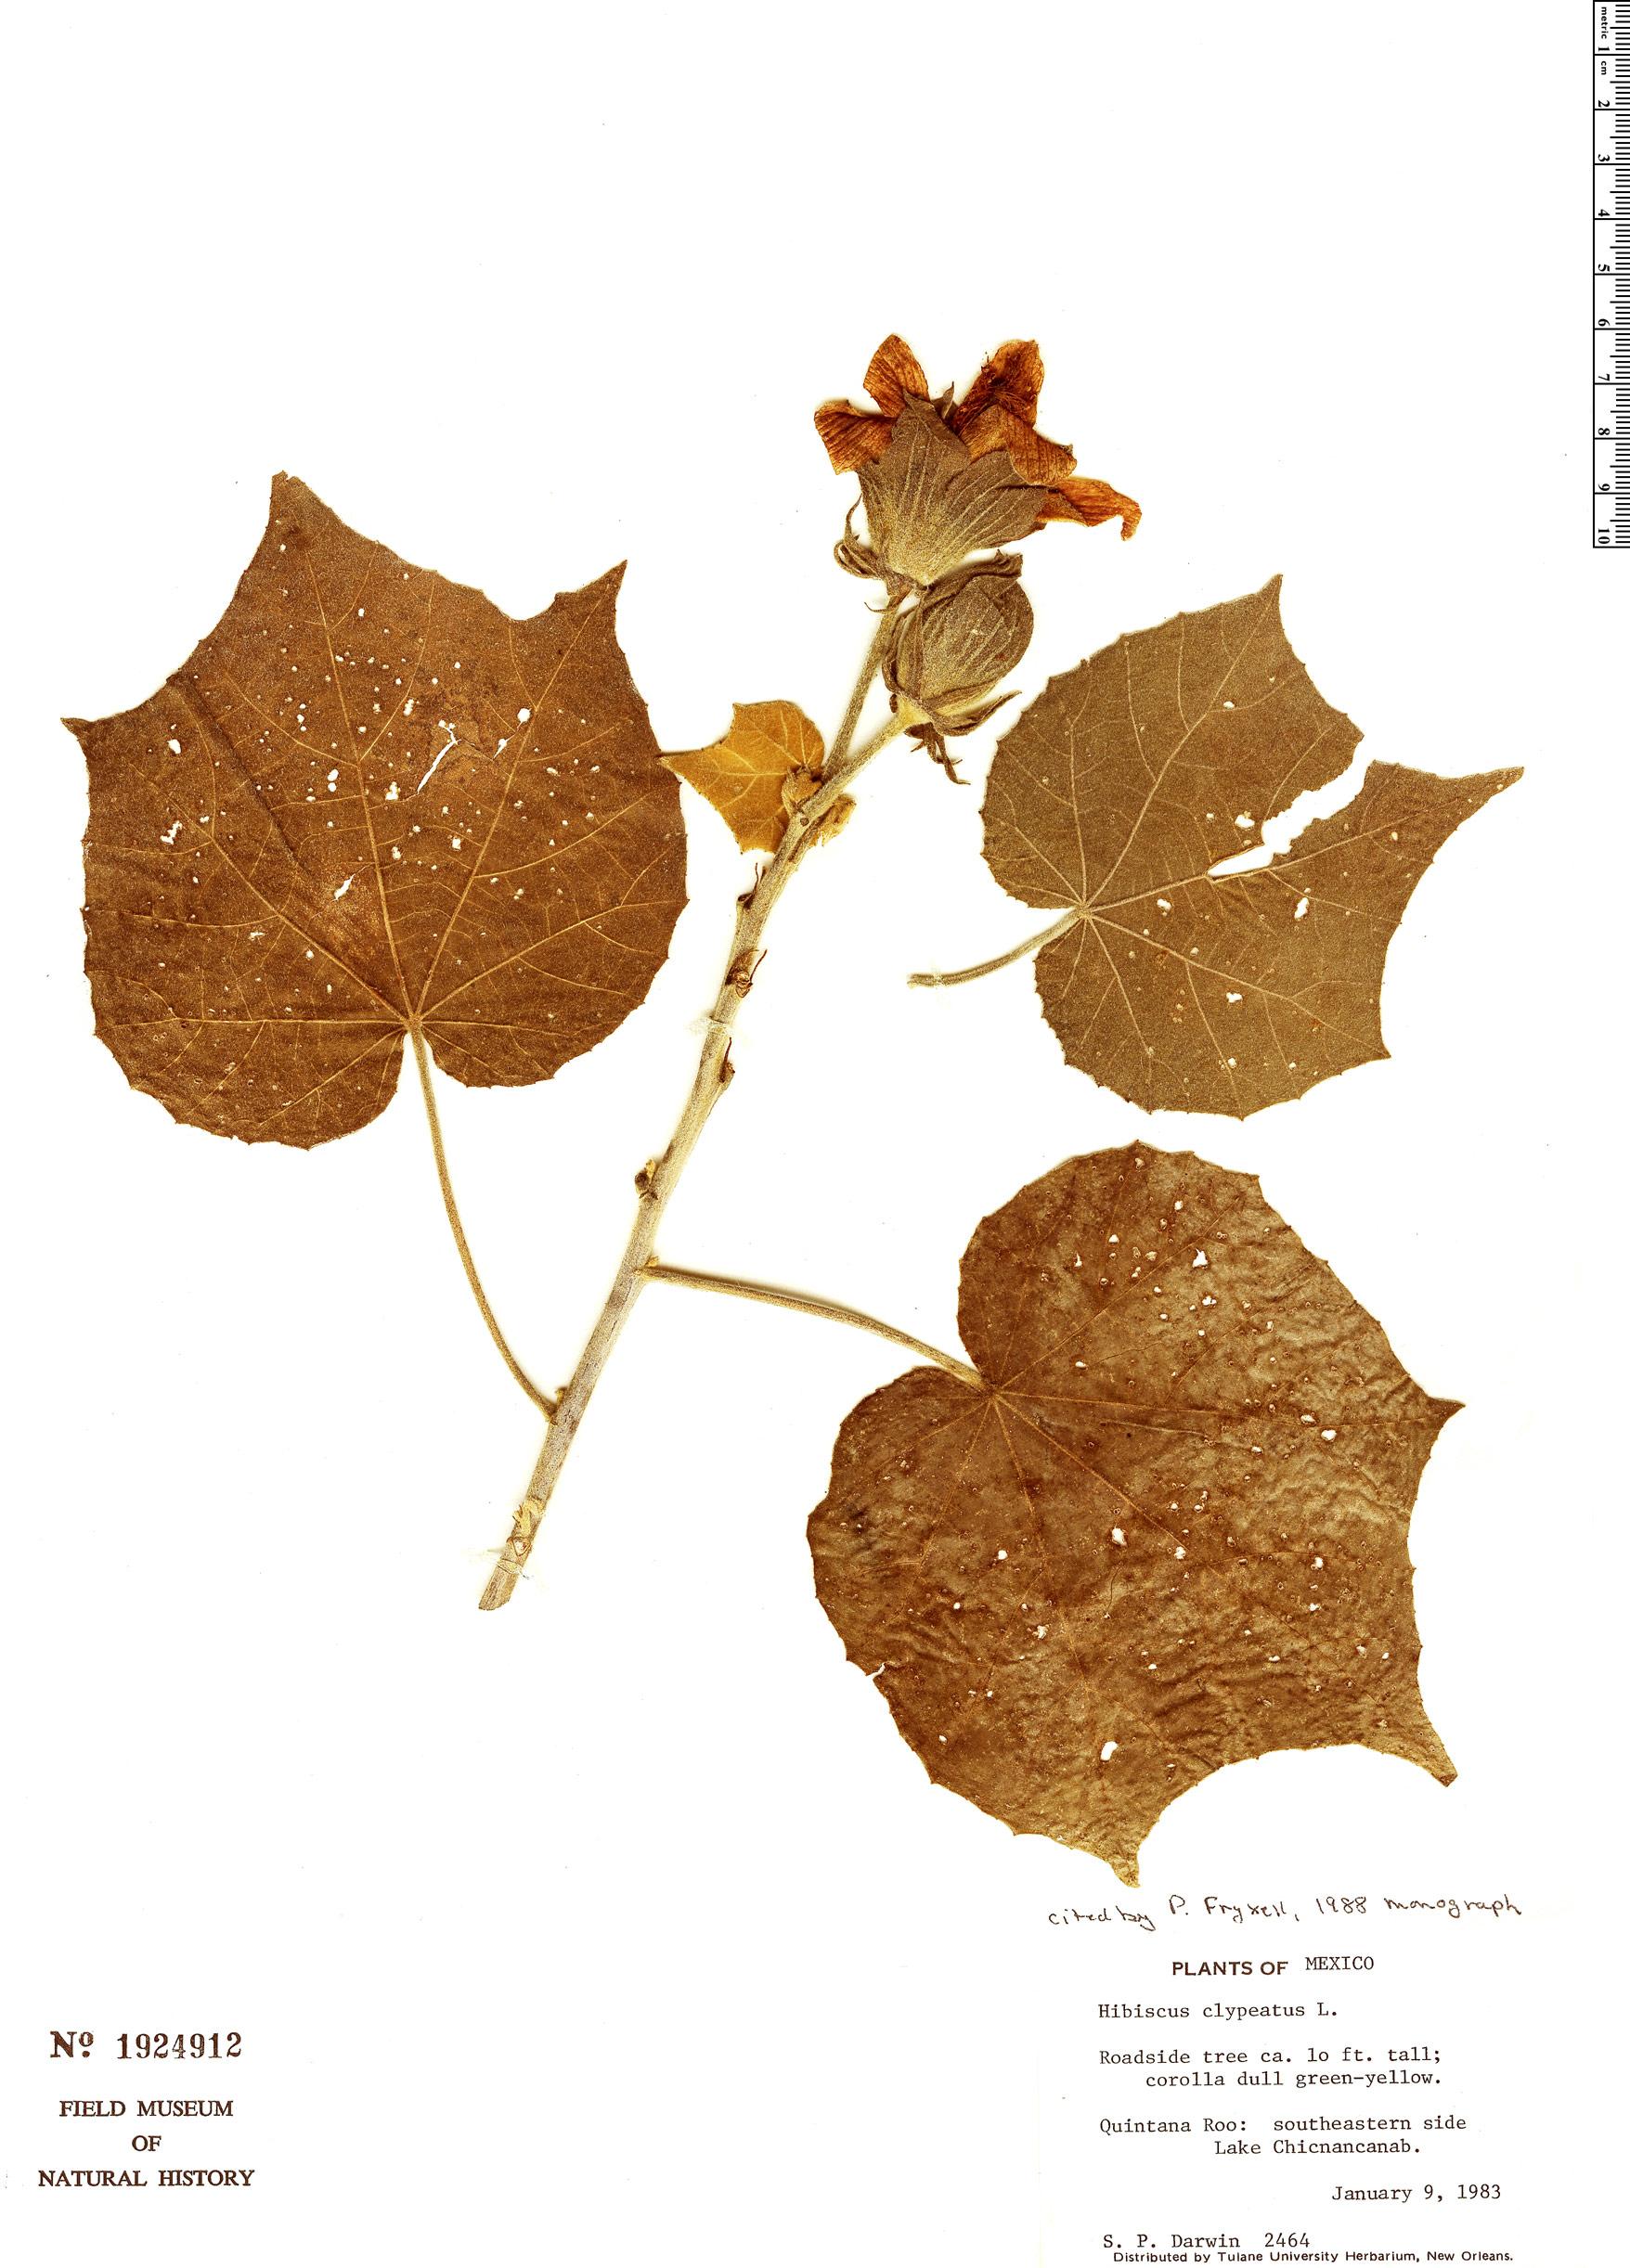 Specimen: Hibiscus clypeatus